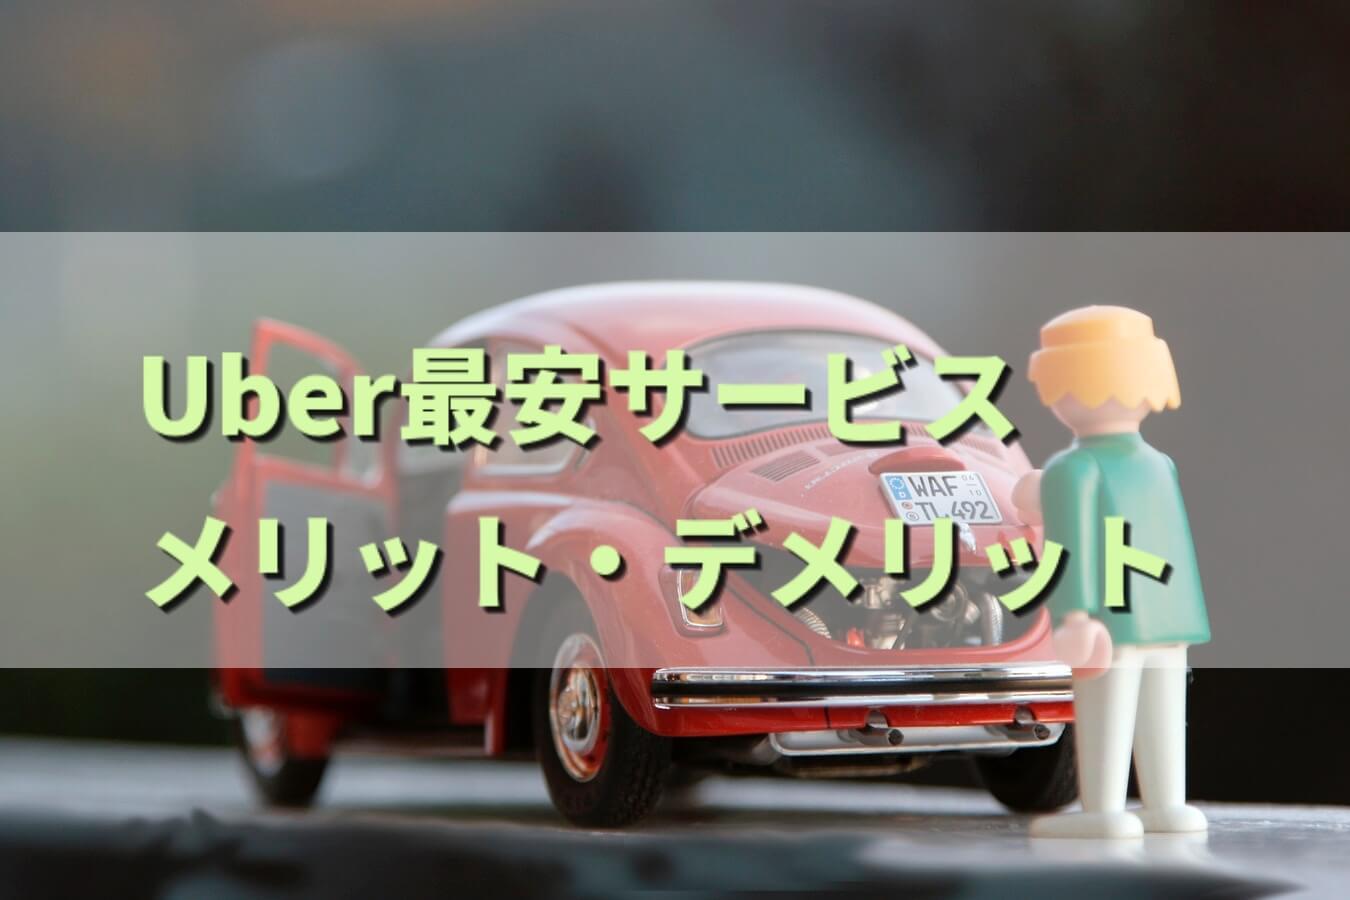 【Uber pool】相乗りサービスに乗った感想!メリットとデメリットは?